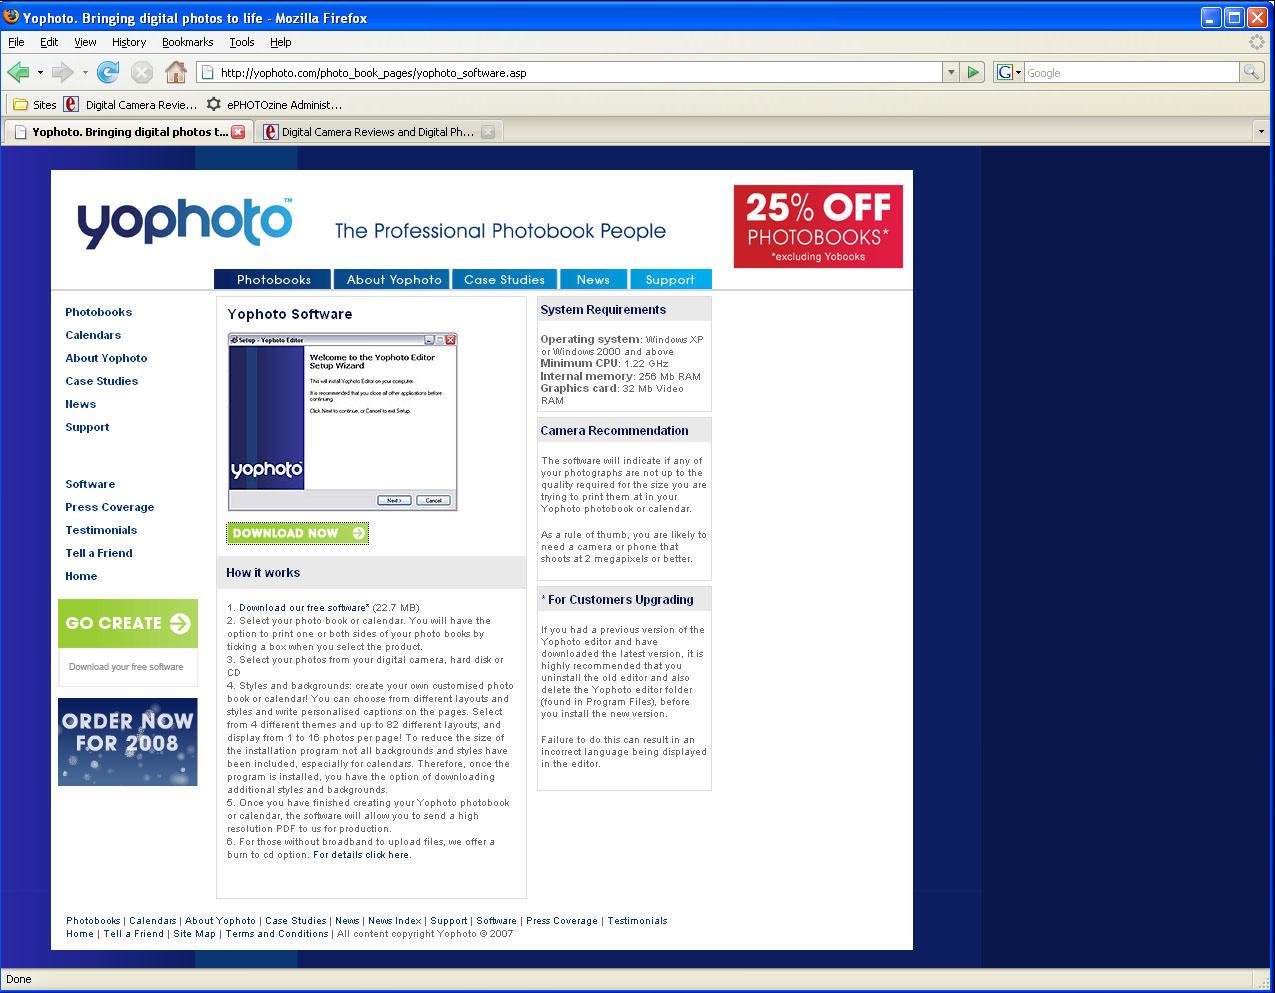 Yophoto Online Photobook Review   ePHOTOzine